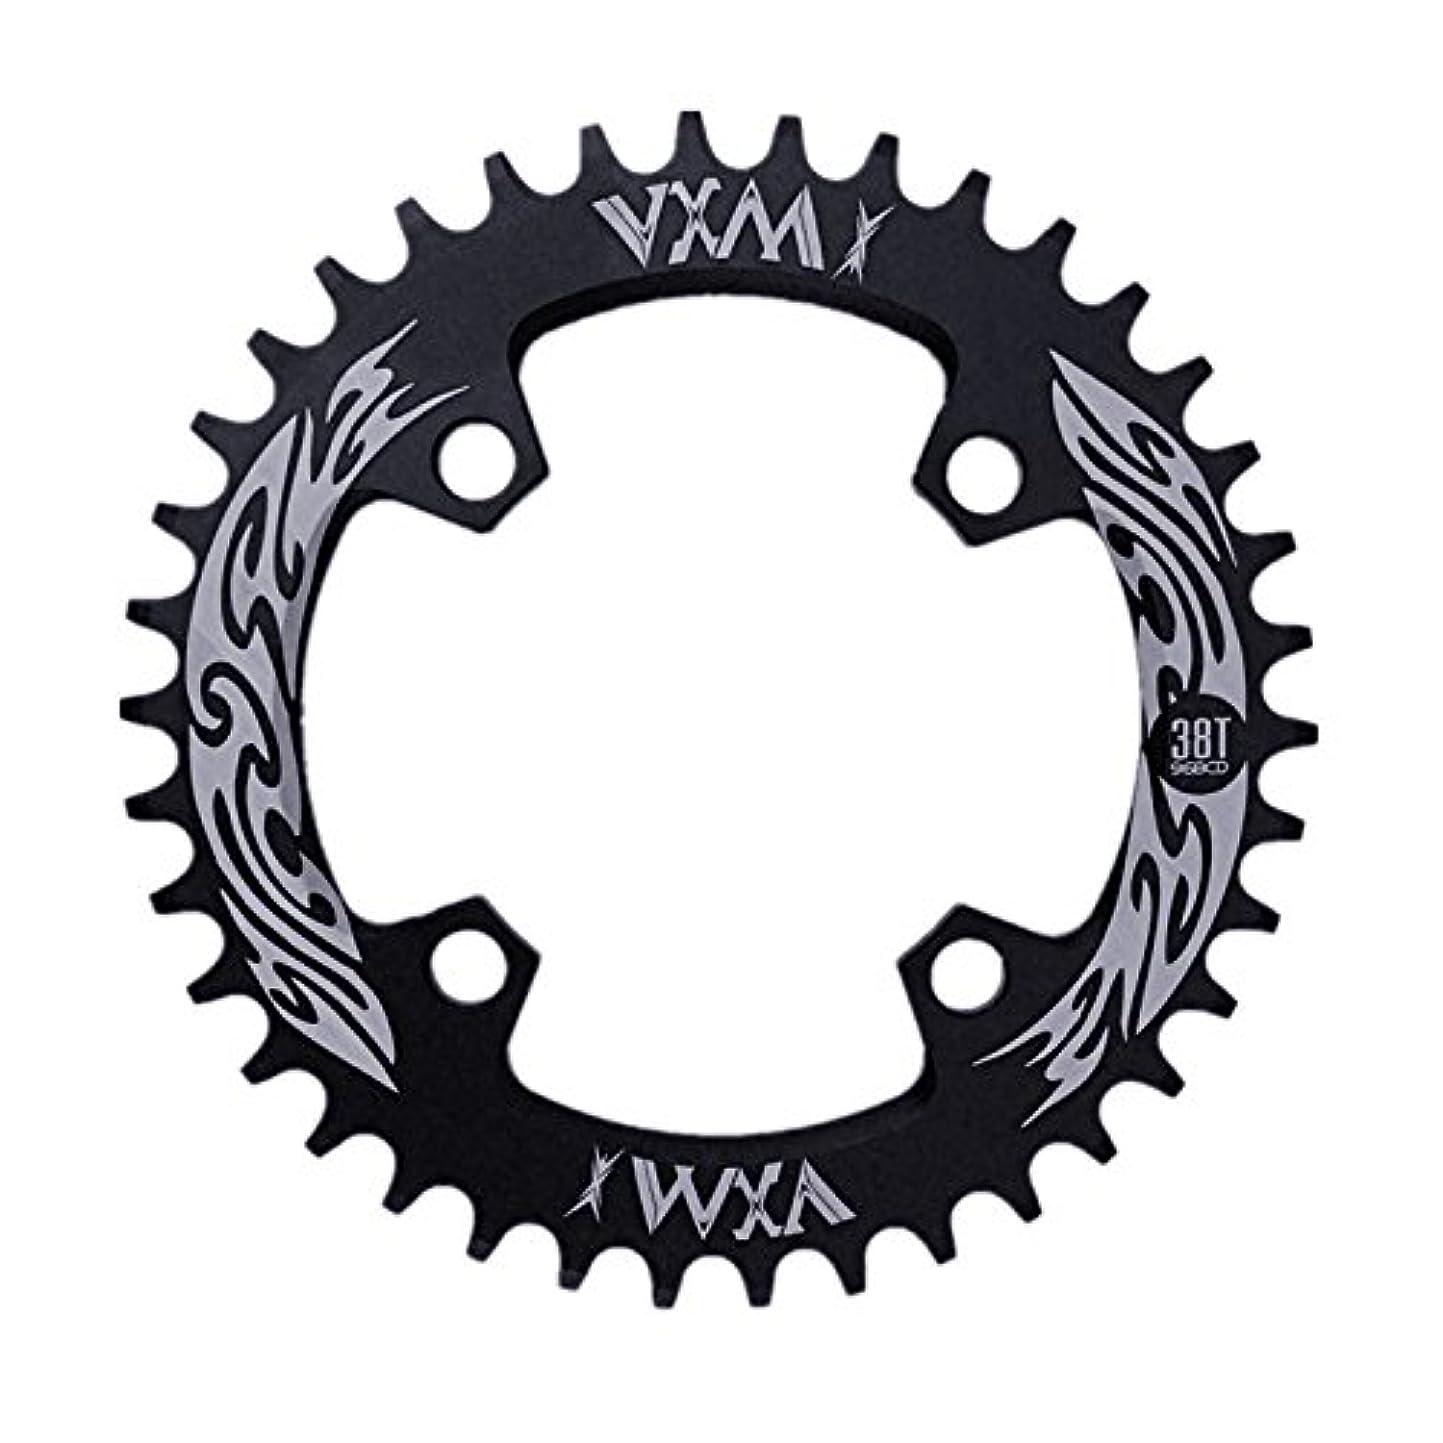 悲しみ力モルヒネPropenary - Bicycle Crank & Chainwheel 96BCD 38T Ultralight Alloy Bike Bicycle Narrow Wide Chainring Round Chainwheel Cycle Crankset [ Black ]